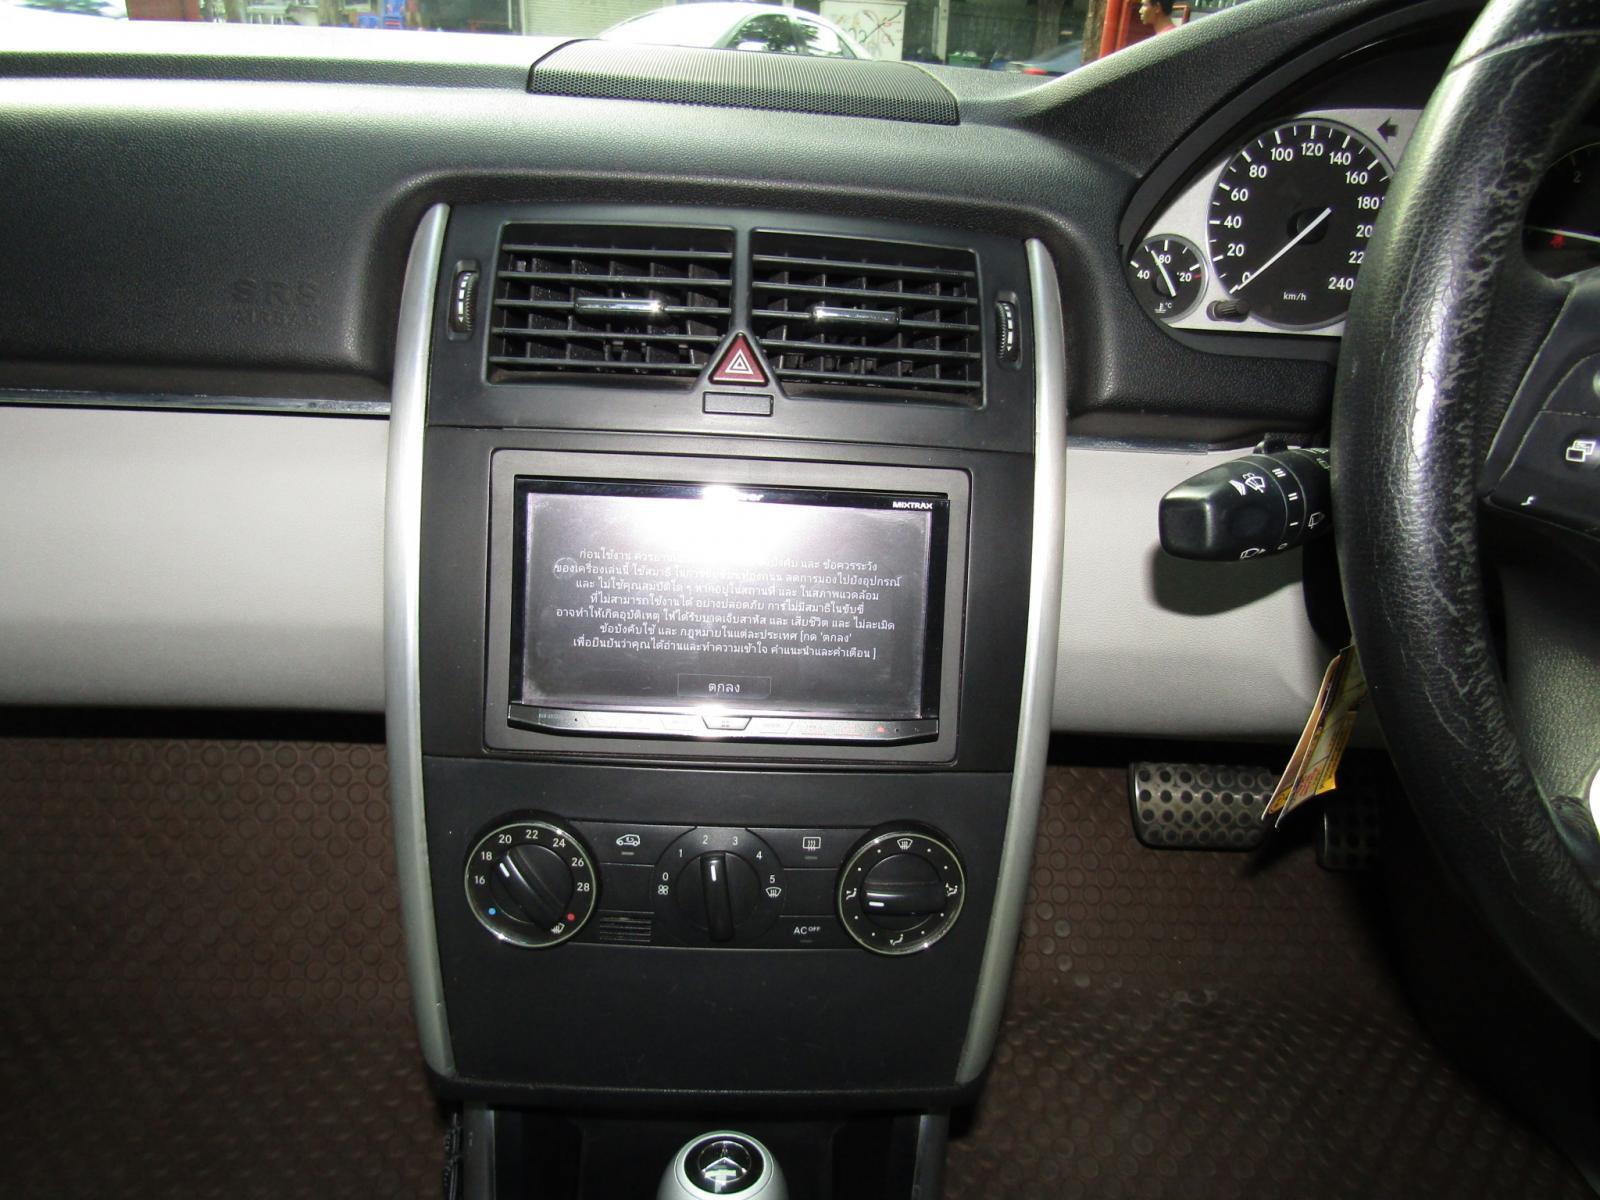 ขายรถเก๋ง 5 ประตู Mercedes-Benz B180 CDI Sport ปี 2006